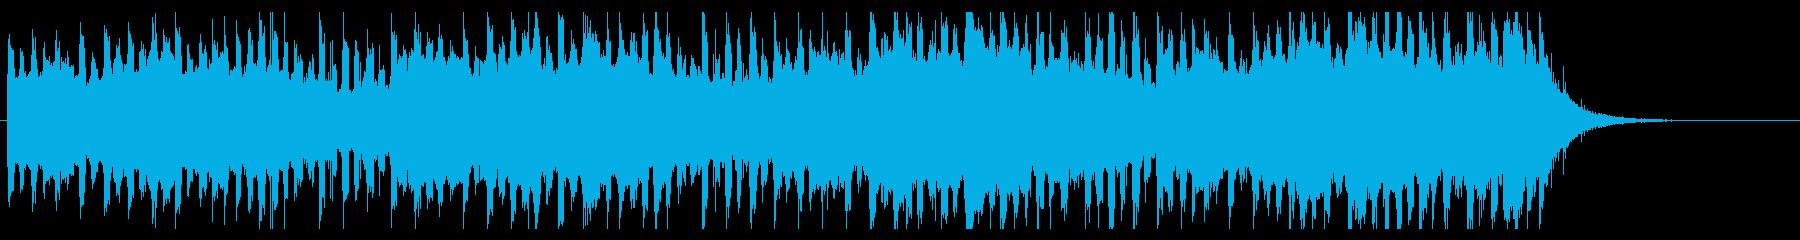 感動オープニングジングル おしゃれポップの再生済みの波形